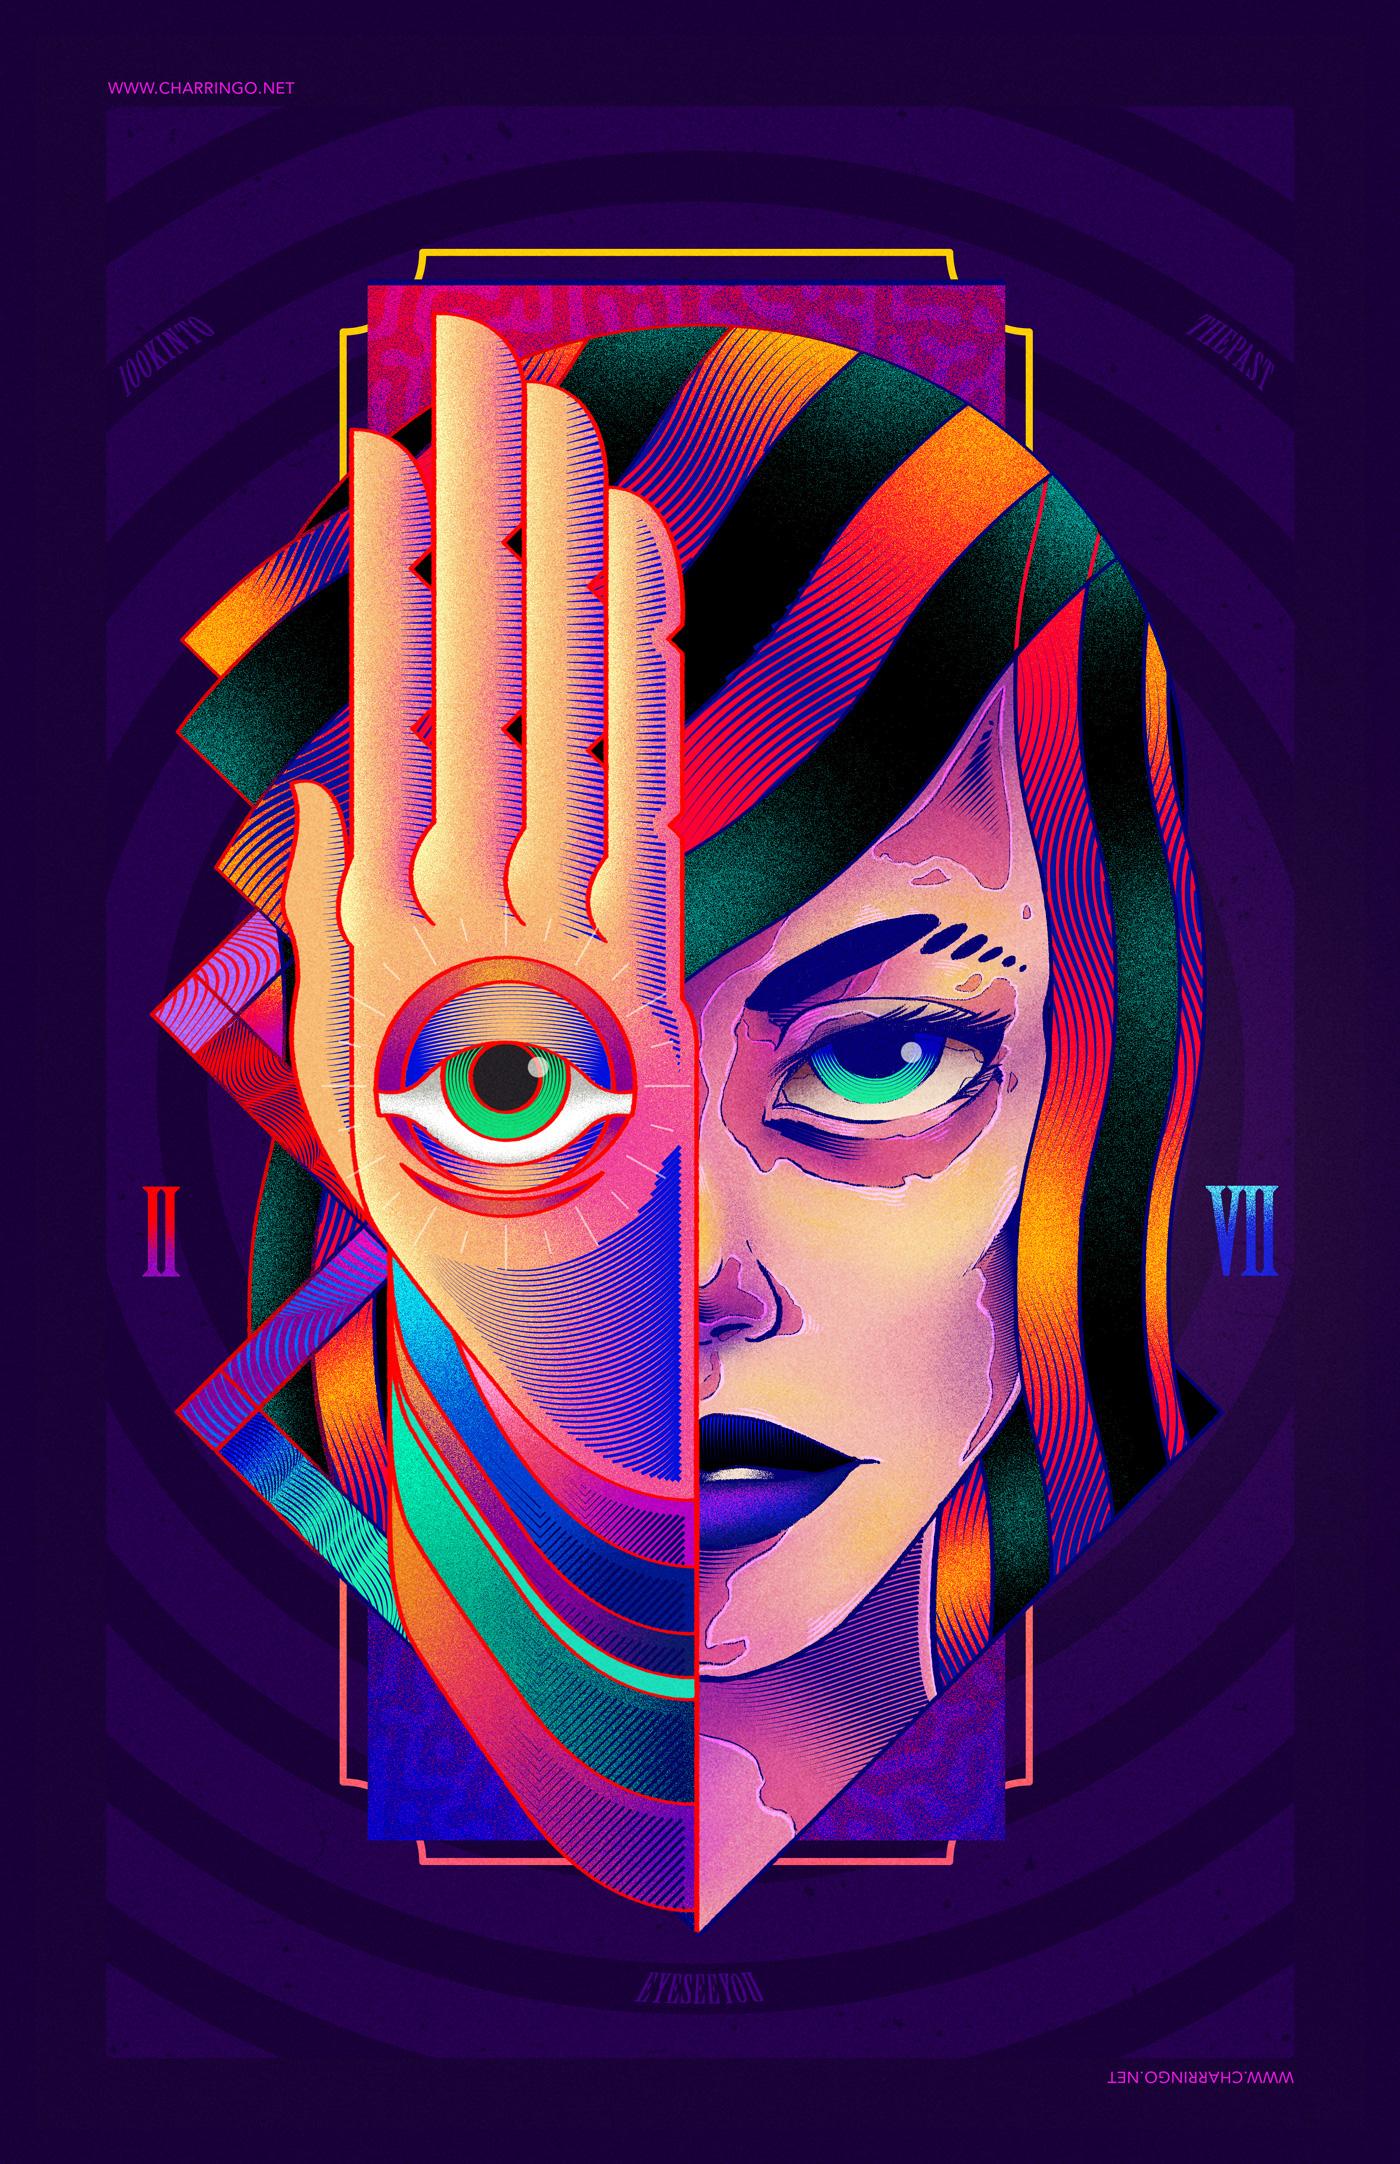 Eye See You by Charringo